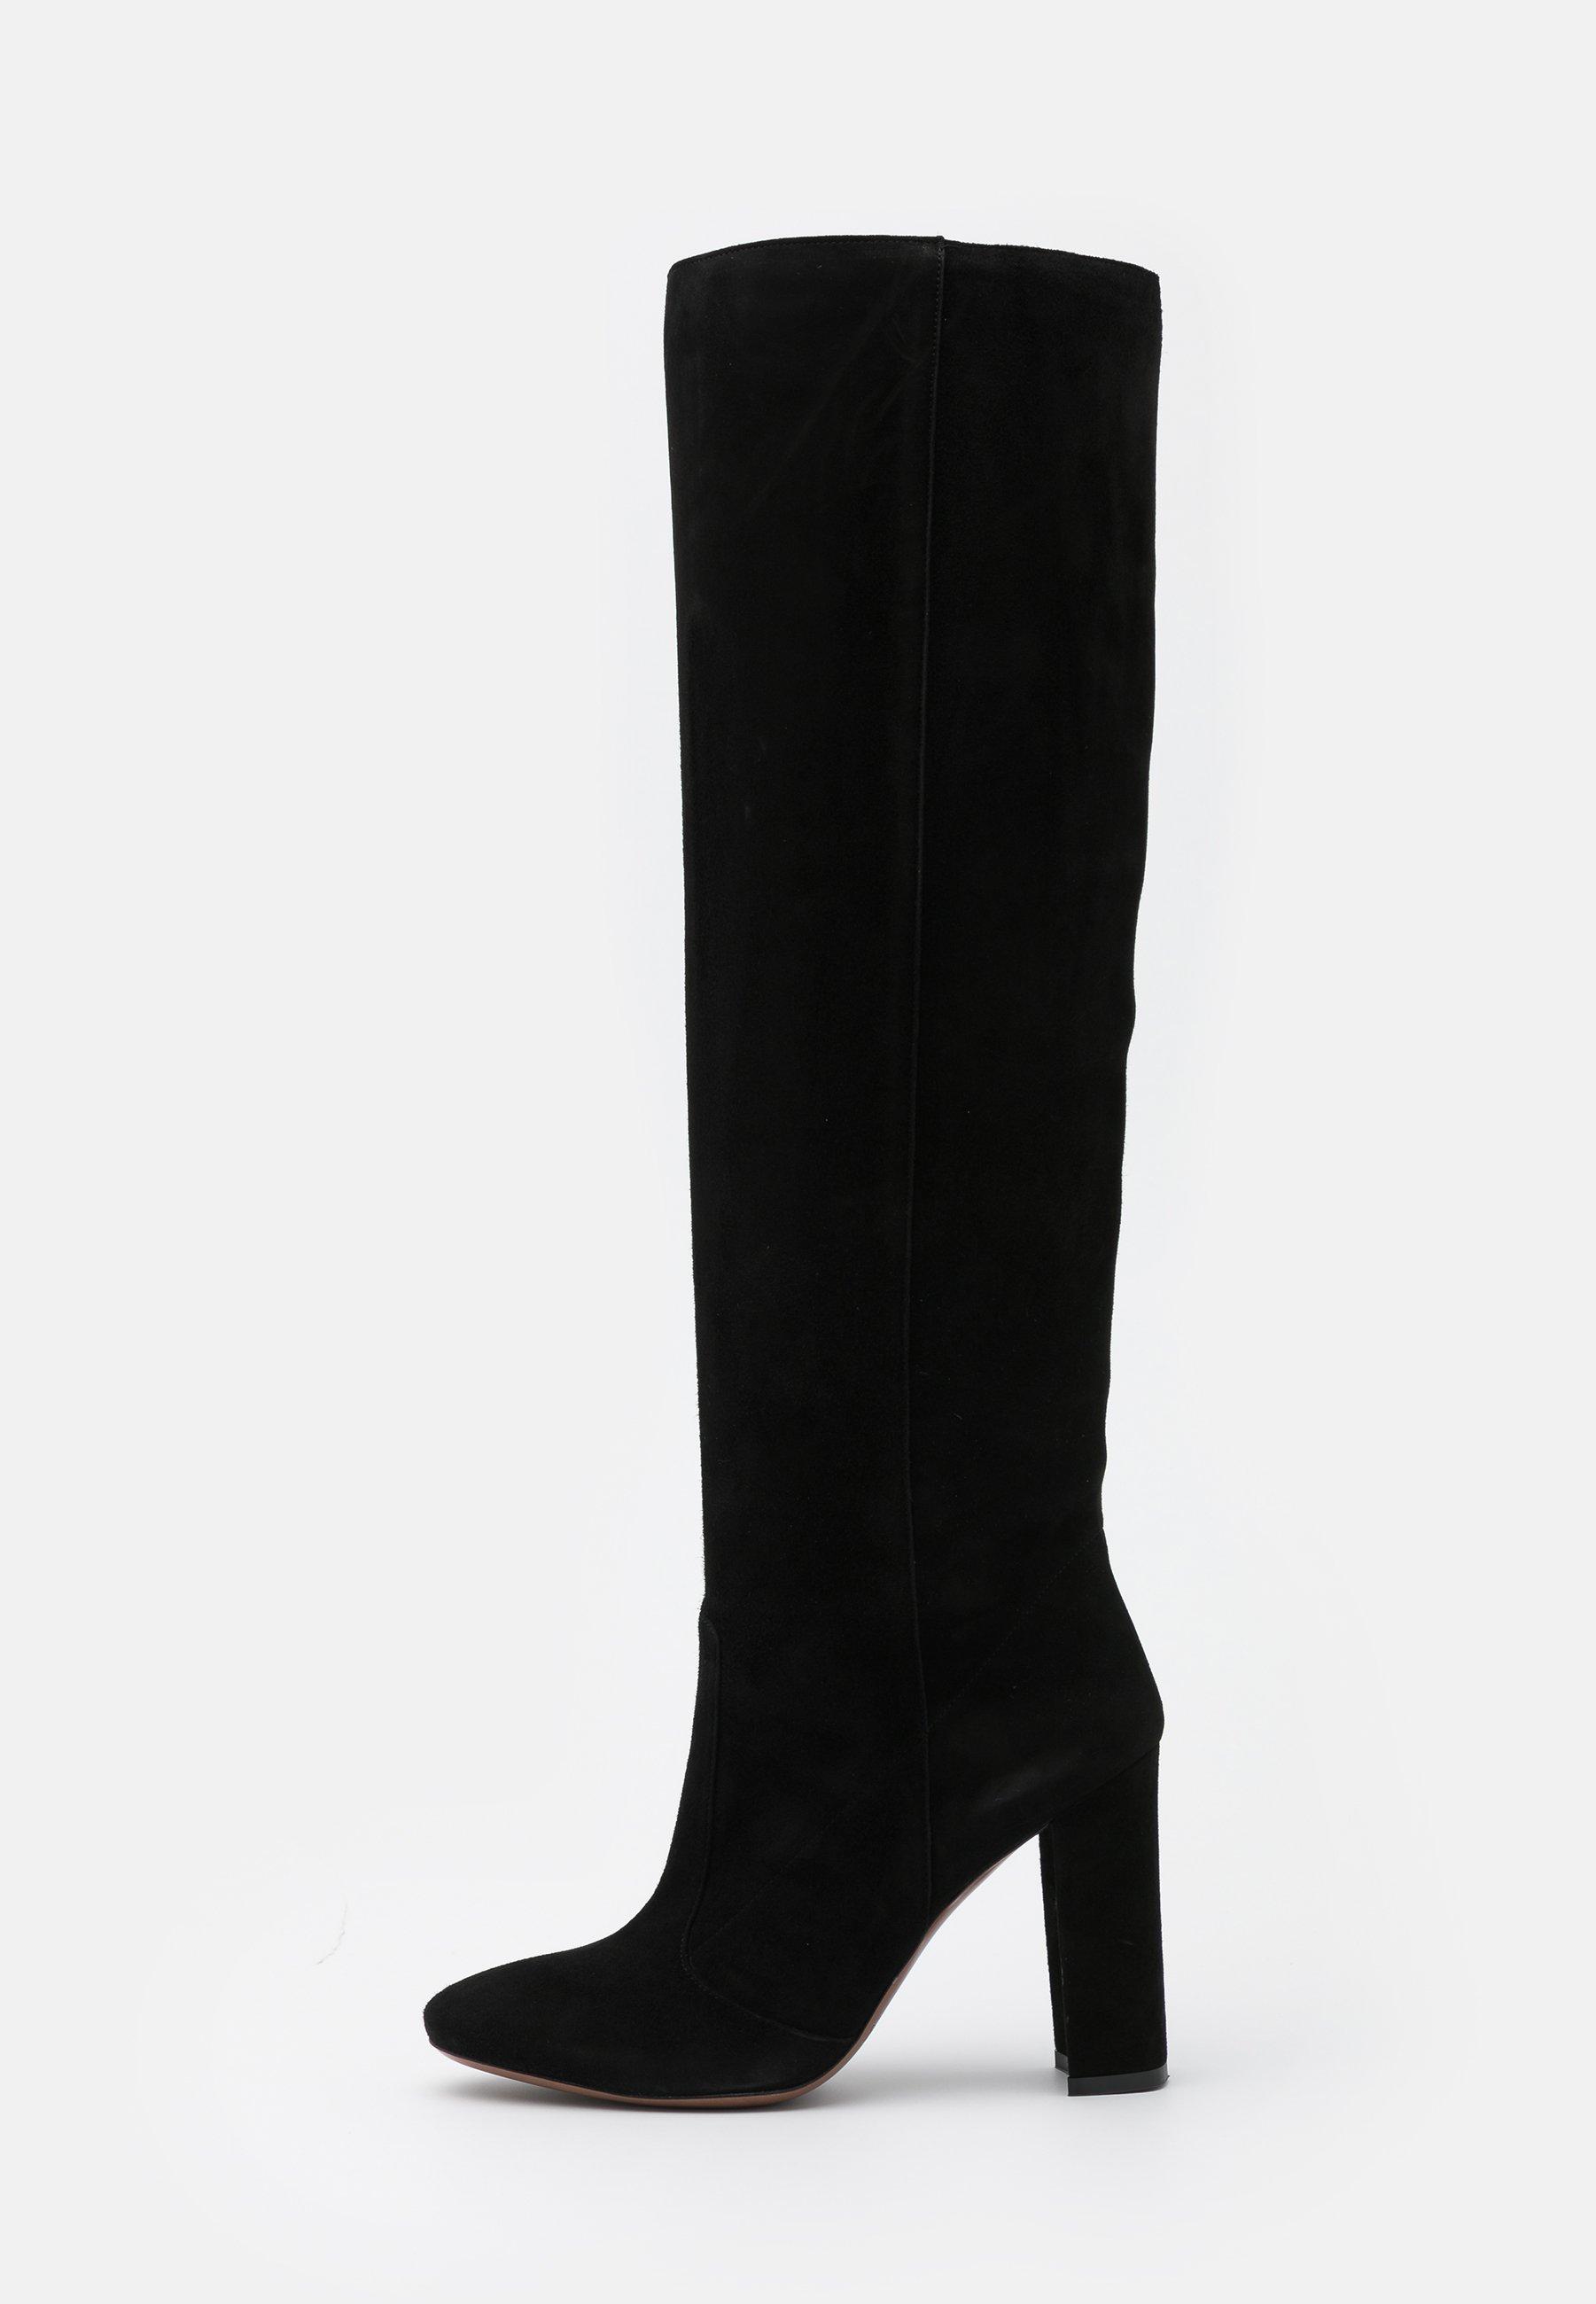 Stivali con tacco   La nuova collezione su Zalando